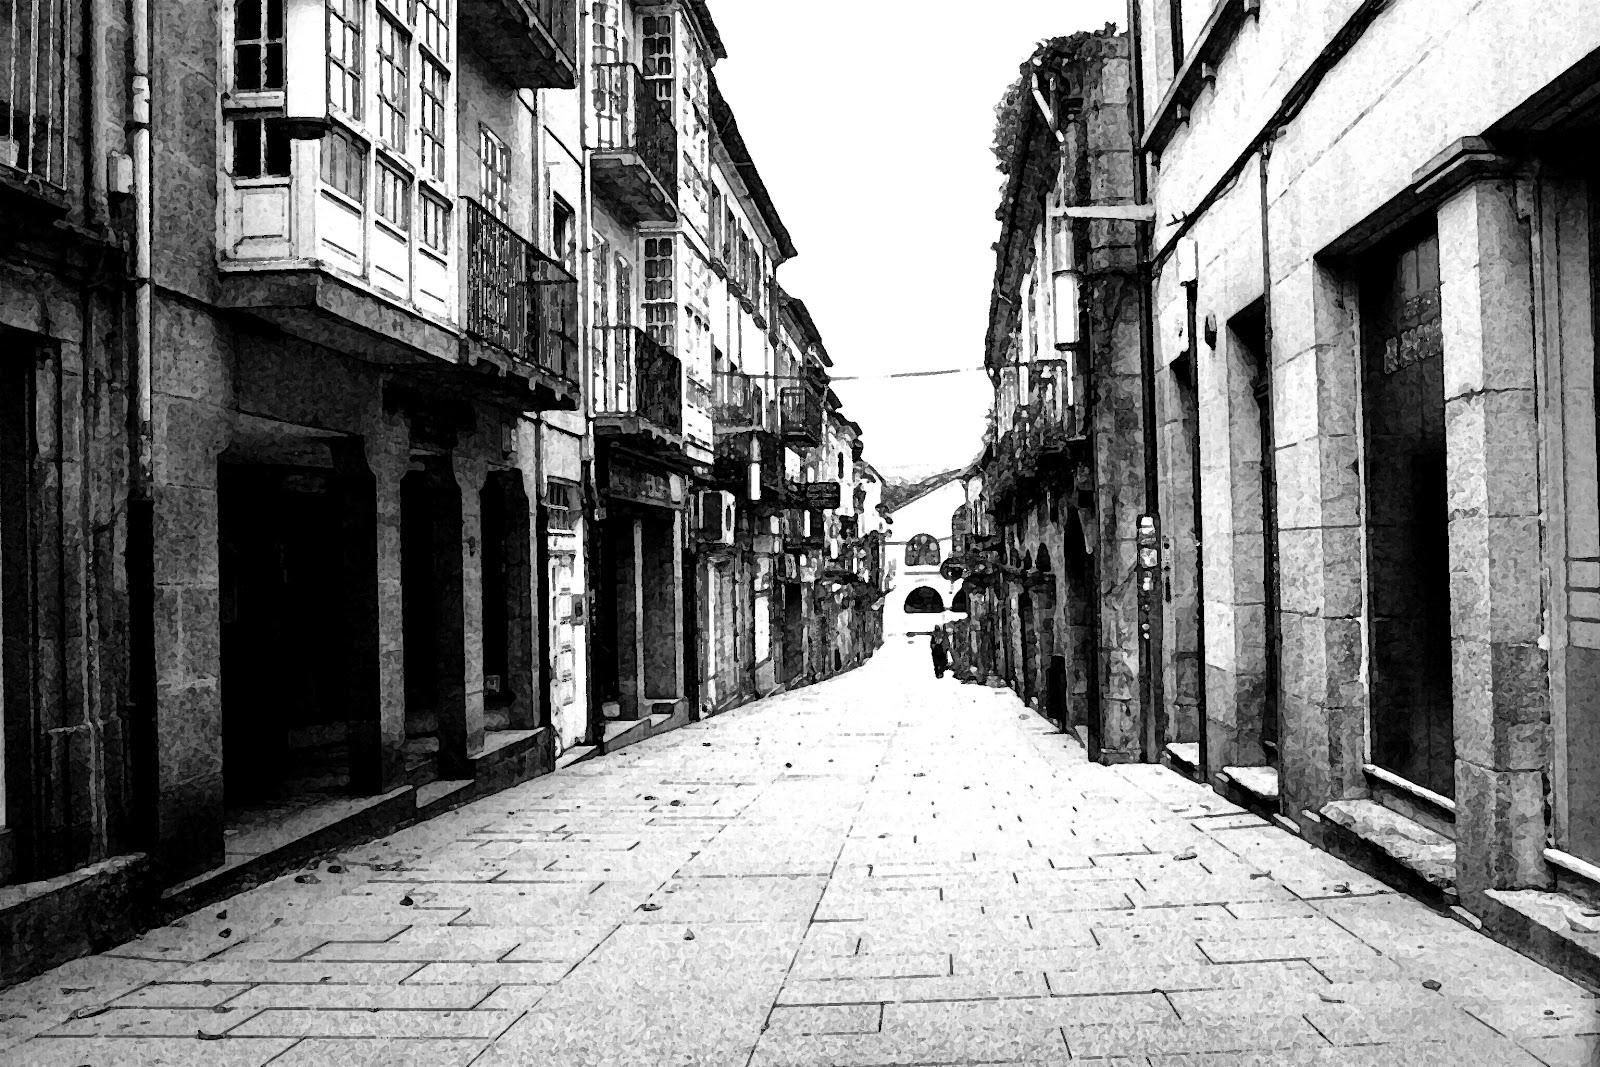 Tu blog de fotos para compartir junio 2012 - Blanco y negro ...